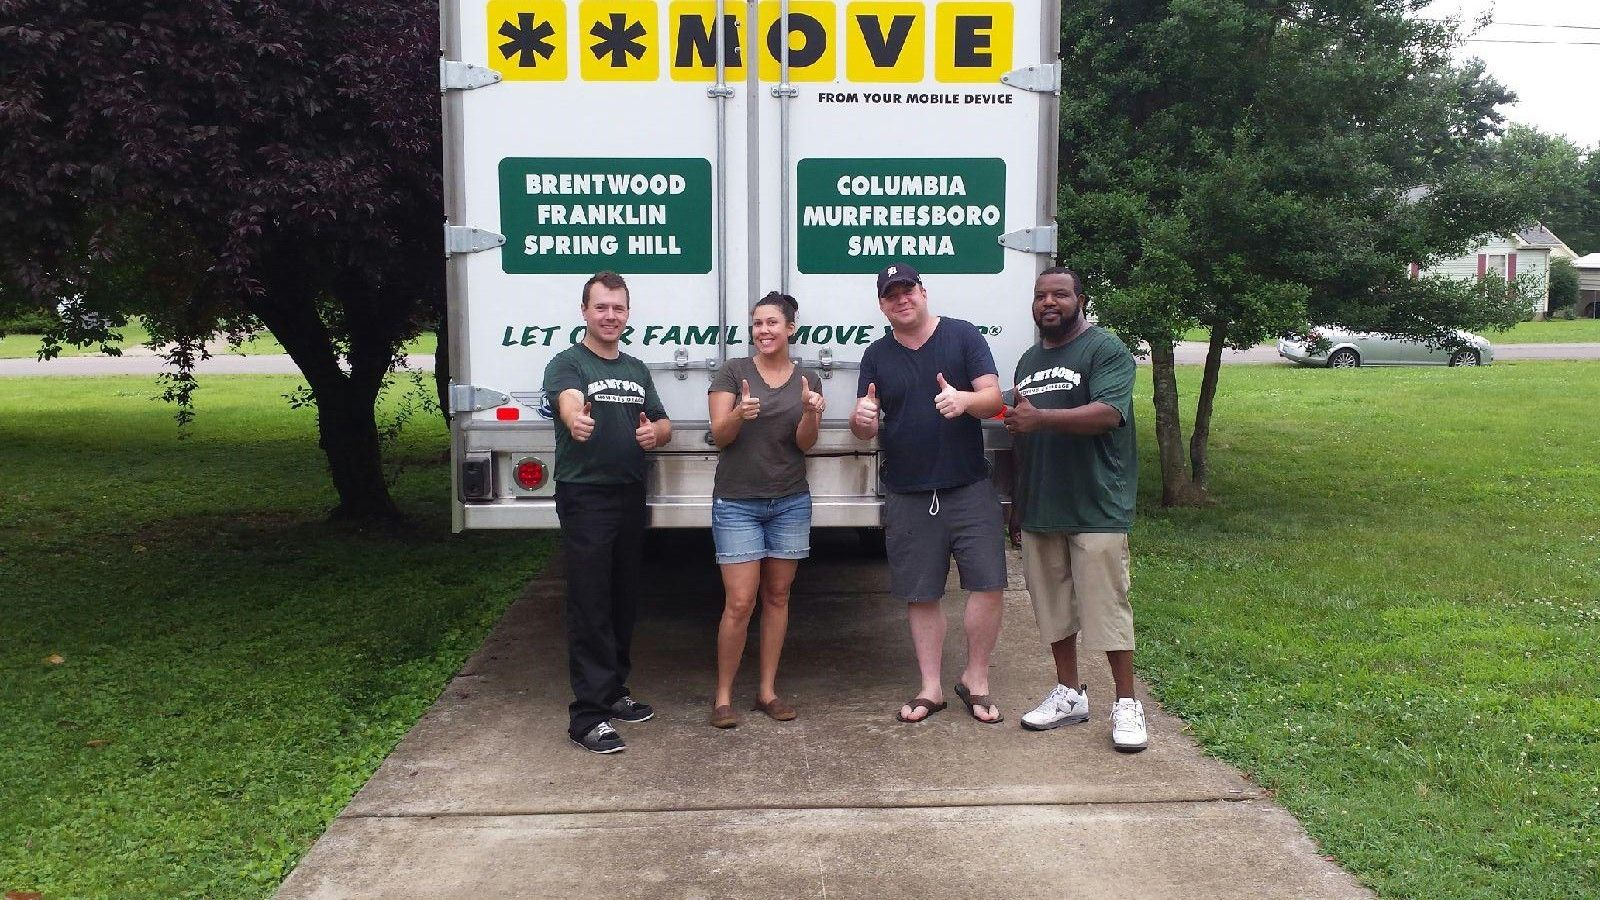 Murfreesboro S Happy Customers Happy Customers Murfreesboro